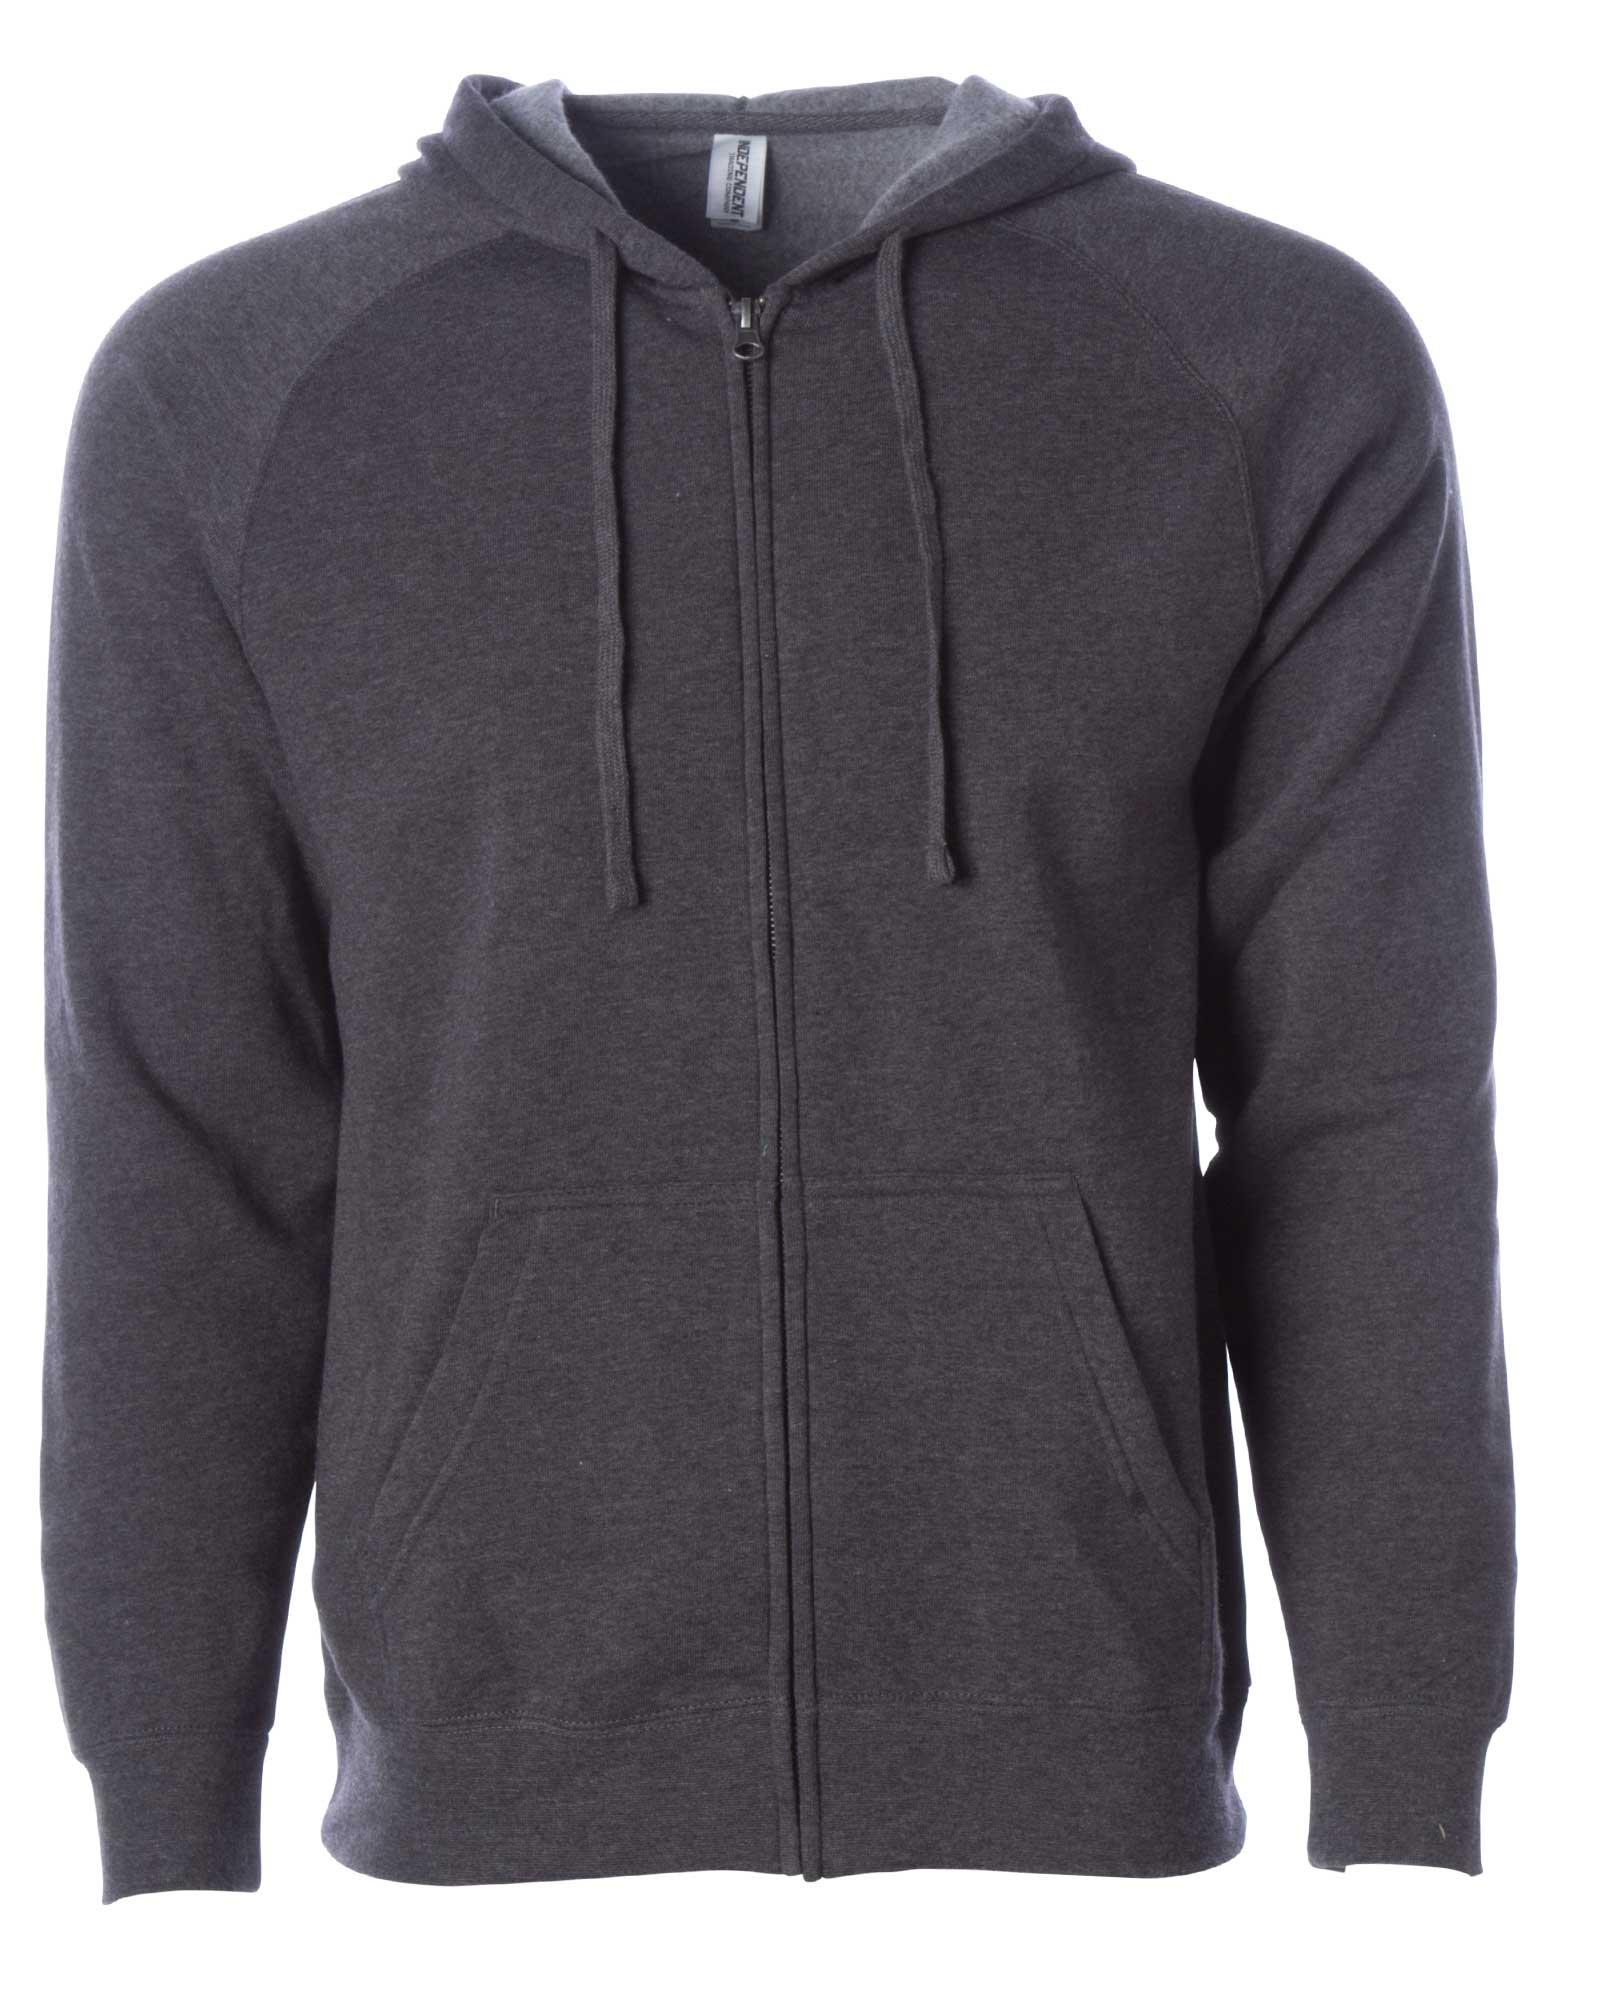 Global Lightweight Zip Up Hoodies For Men Extra Soft Fleece Hooded Sweatshirt Charcoal Grey XXXL